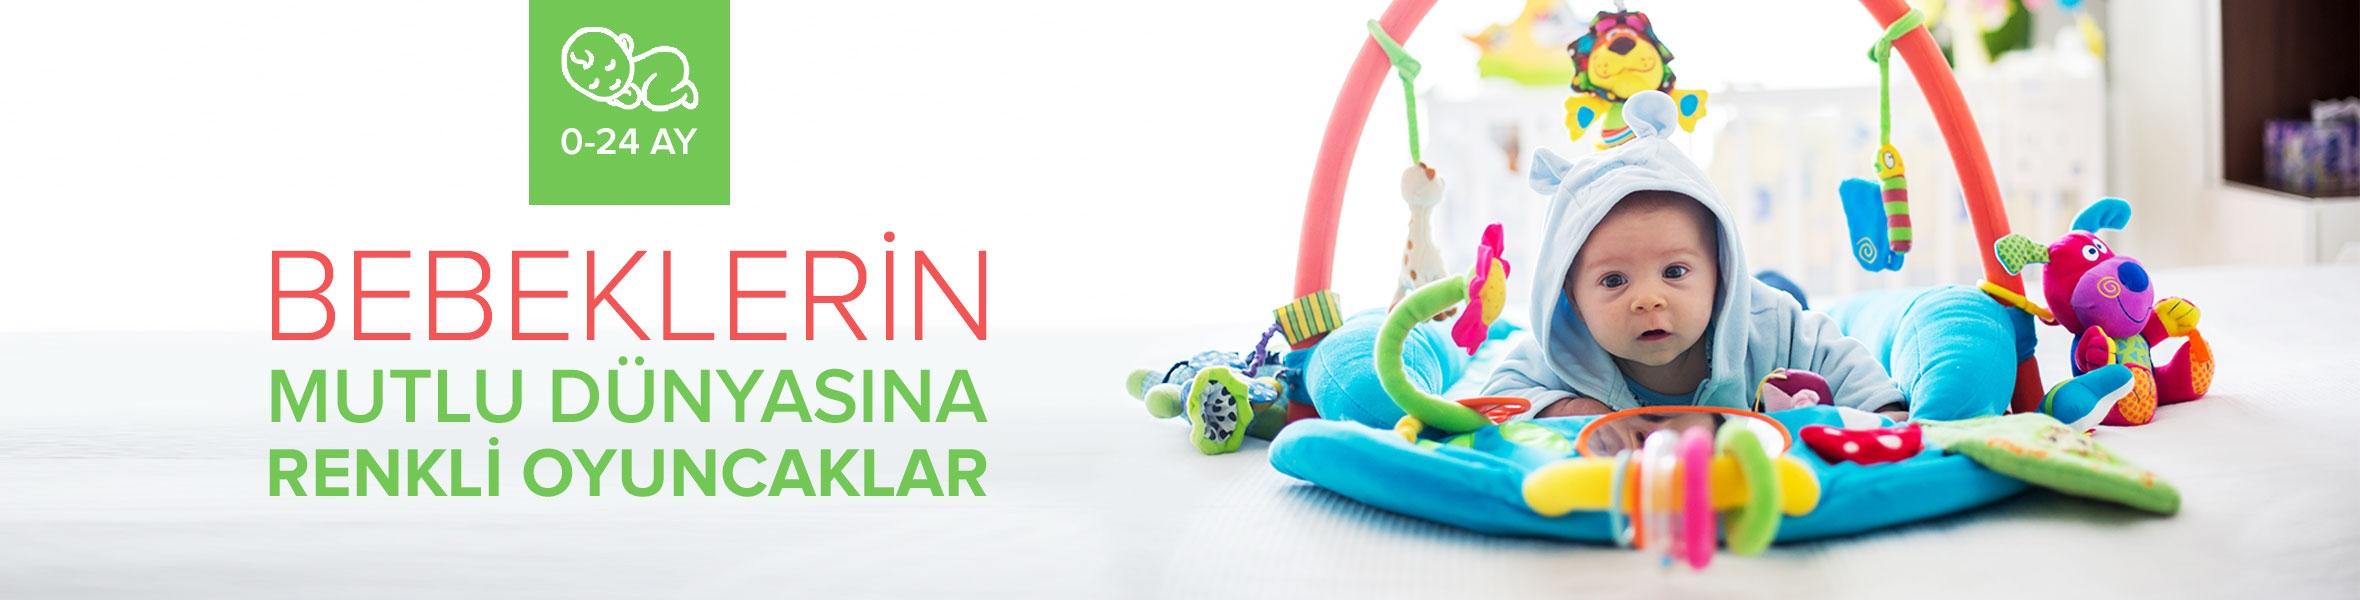 0-24 Ay Bebek Oyuncakları Kampanya